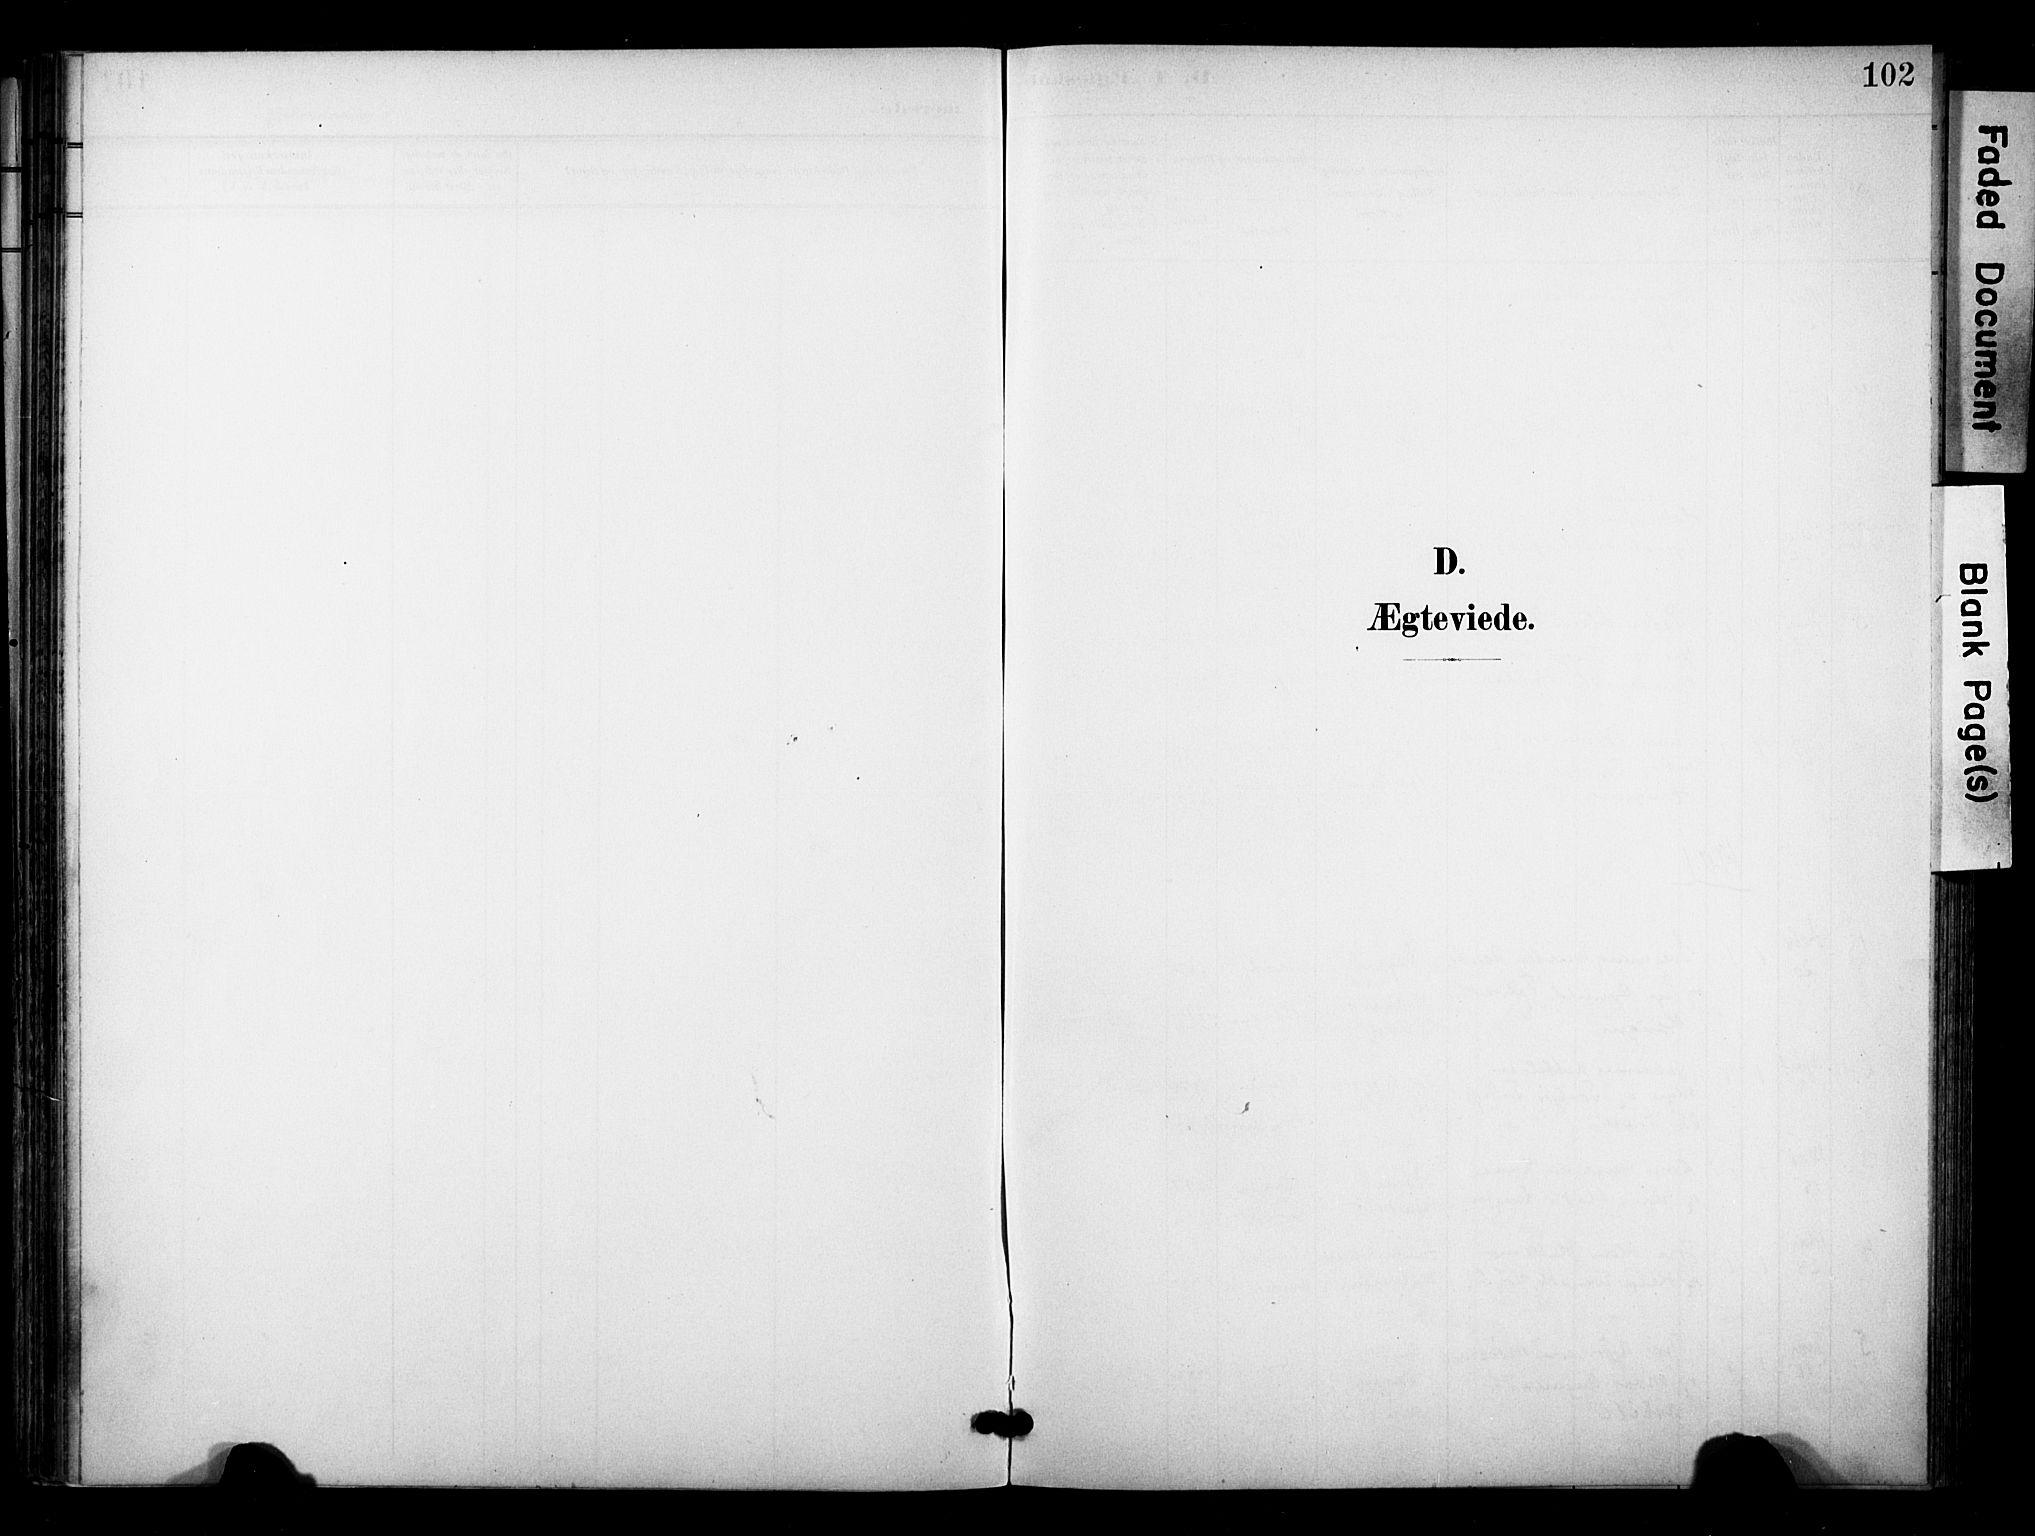 SAKO, Bø kirkebøker, F/Fa/L0012: Ministerialbok nr. 12, 1900-1908, s. 102